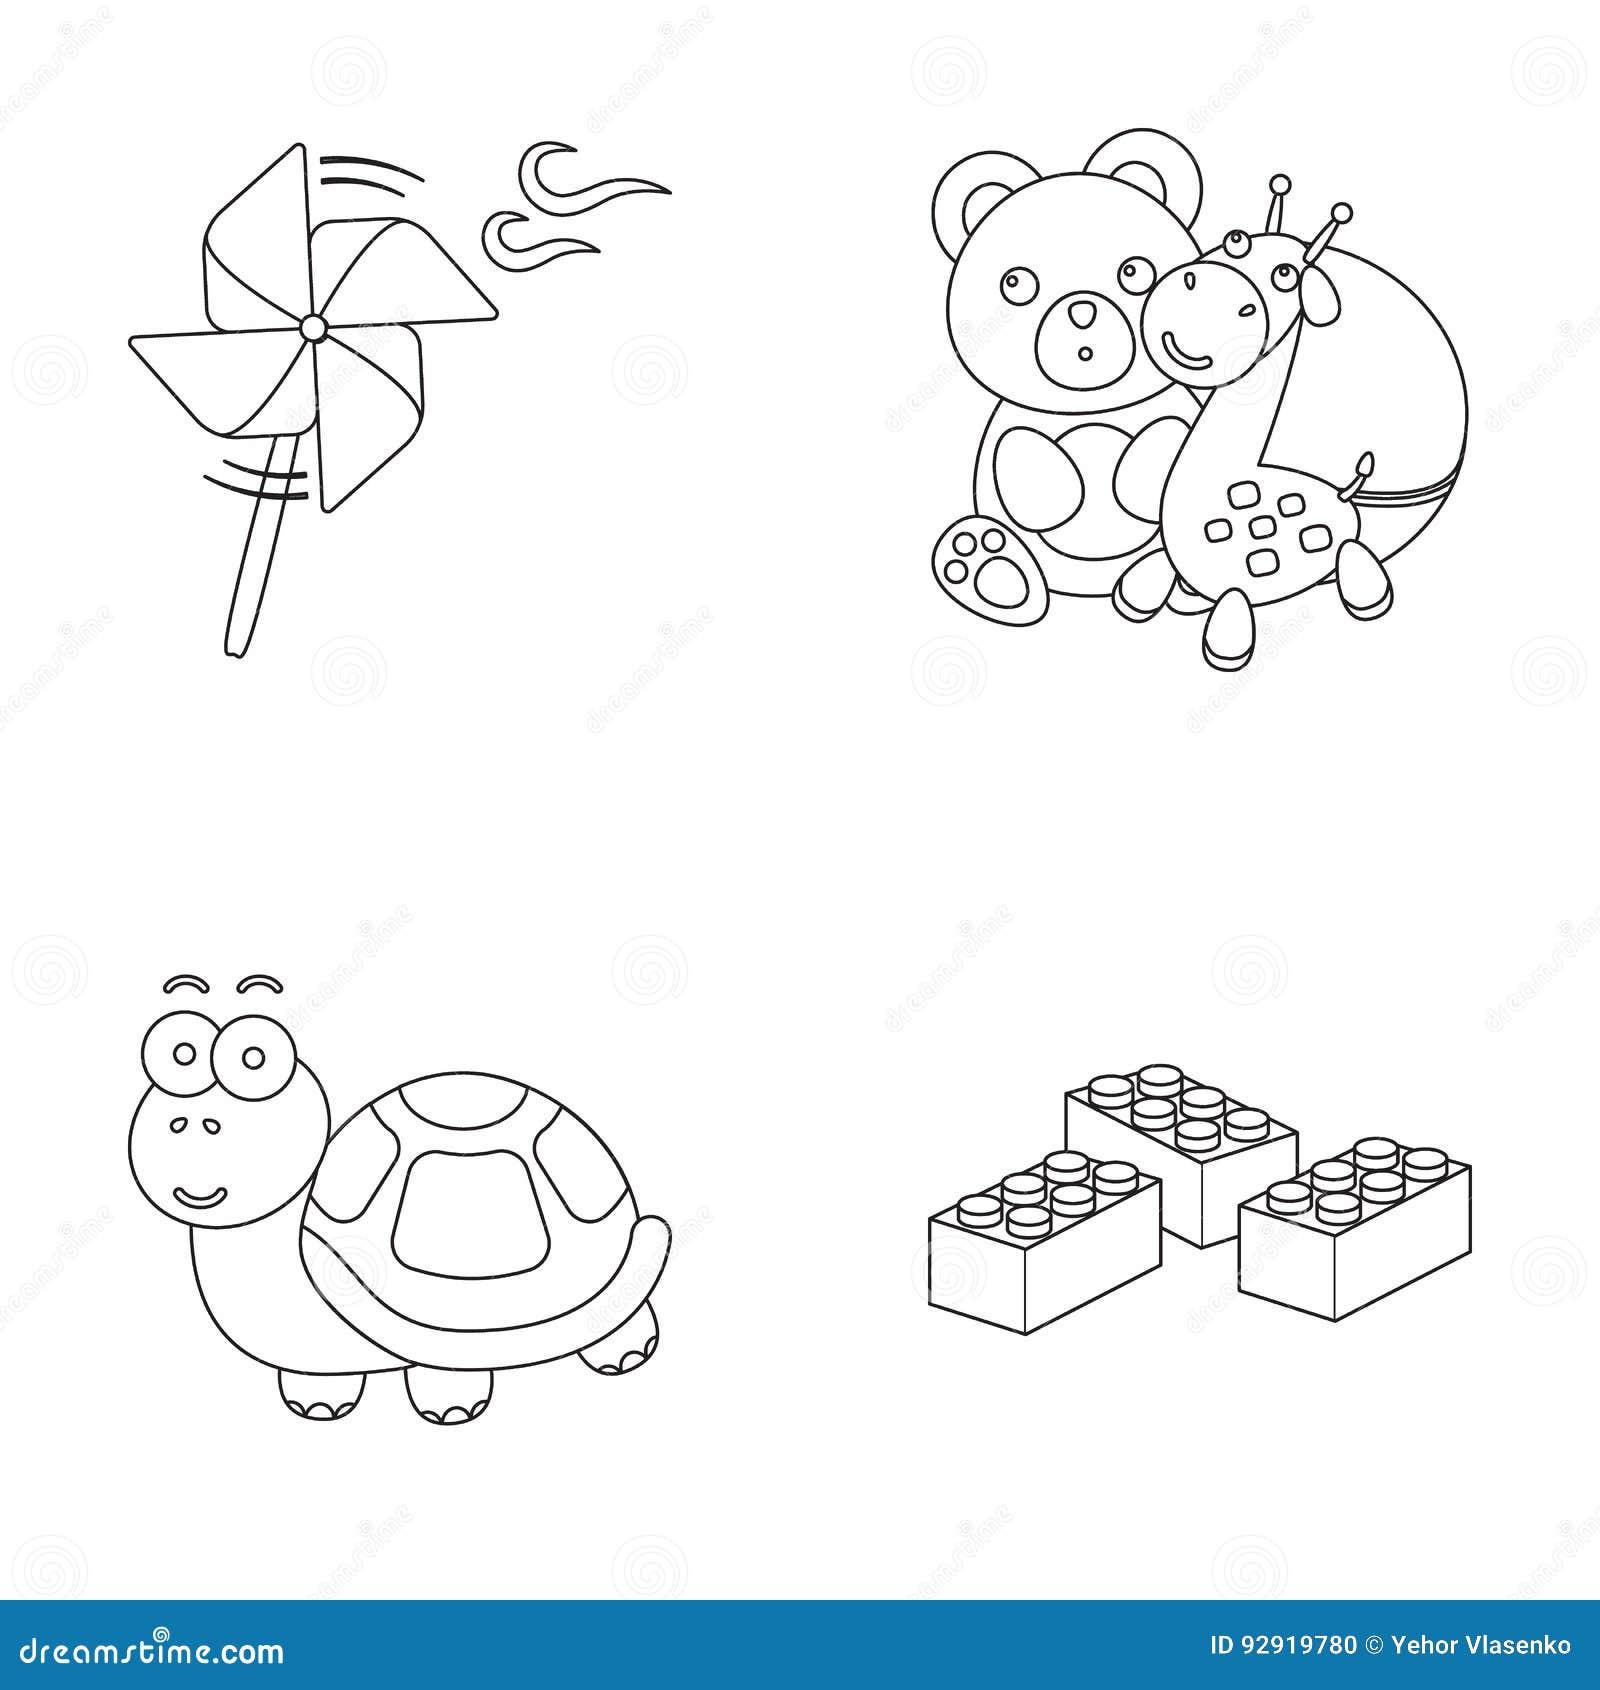 Uma hélice do brinquedo, um urso de peluche com um girafa e uma bola colorida, uma tartaruga do brinquedo, um lego, um desenhista